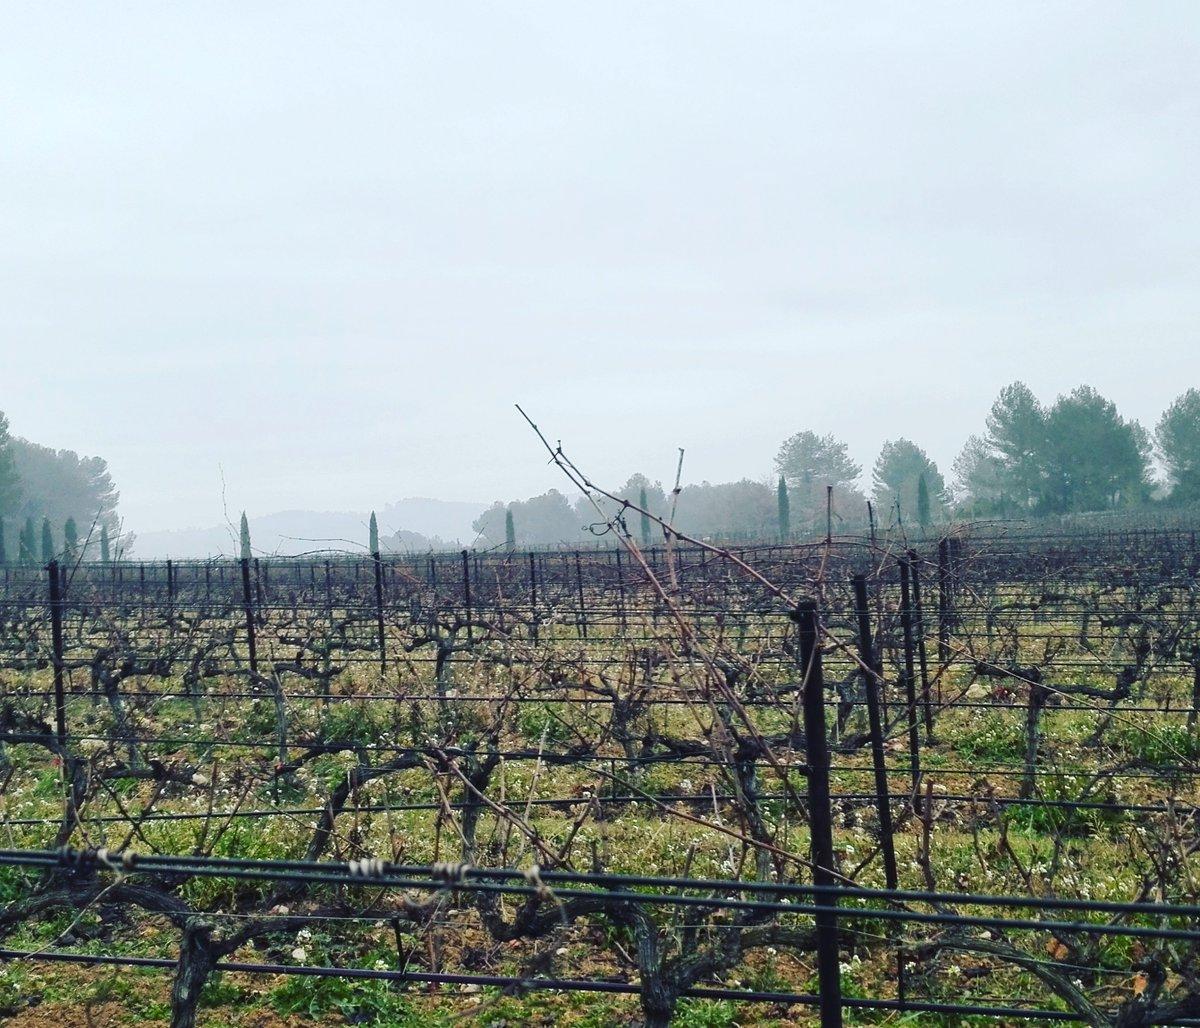 La taille de nos vignes a commencé depuis début Janvier, et ça continue encore &amp; encore #vignoble #vineyard #vignes #vines #taille #pruning<br>http://pic.twitter.com/RMUC1uKWYc